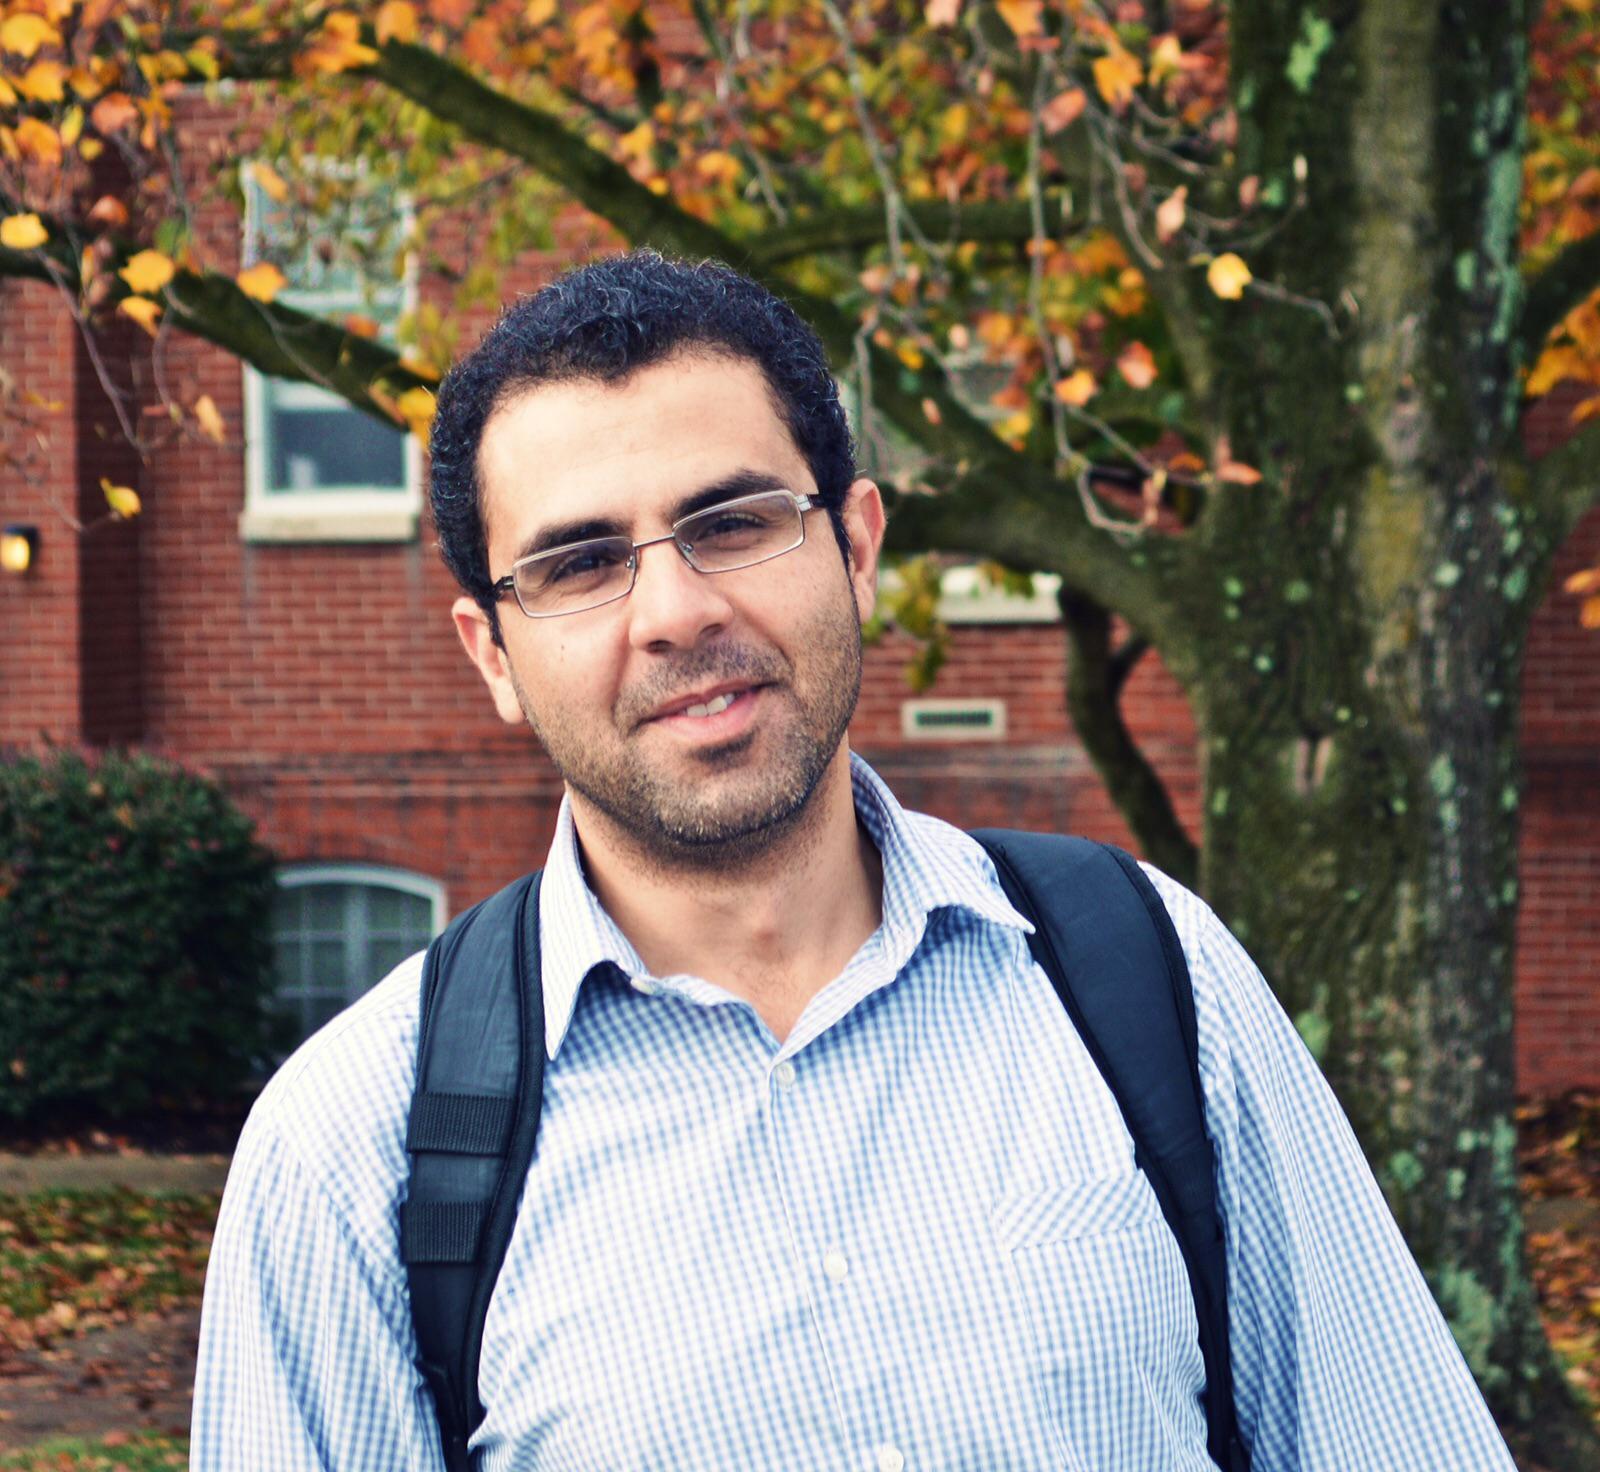 """الدكتوراه في تكنولوجيا التعليم لـ""""ماهر الخطيب""""  ..  مبارك"""